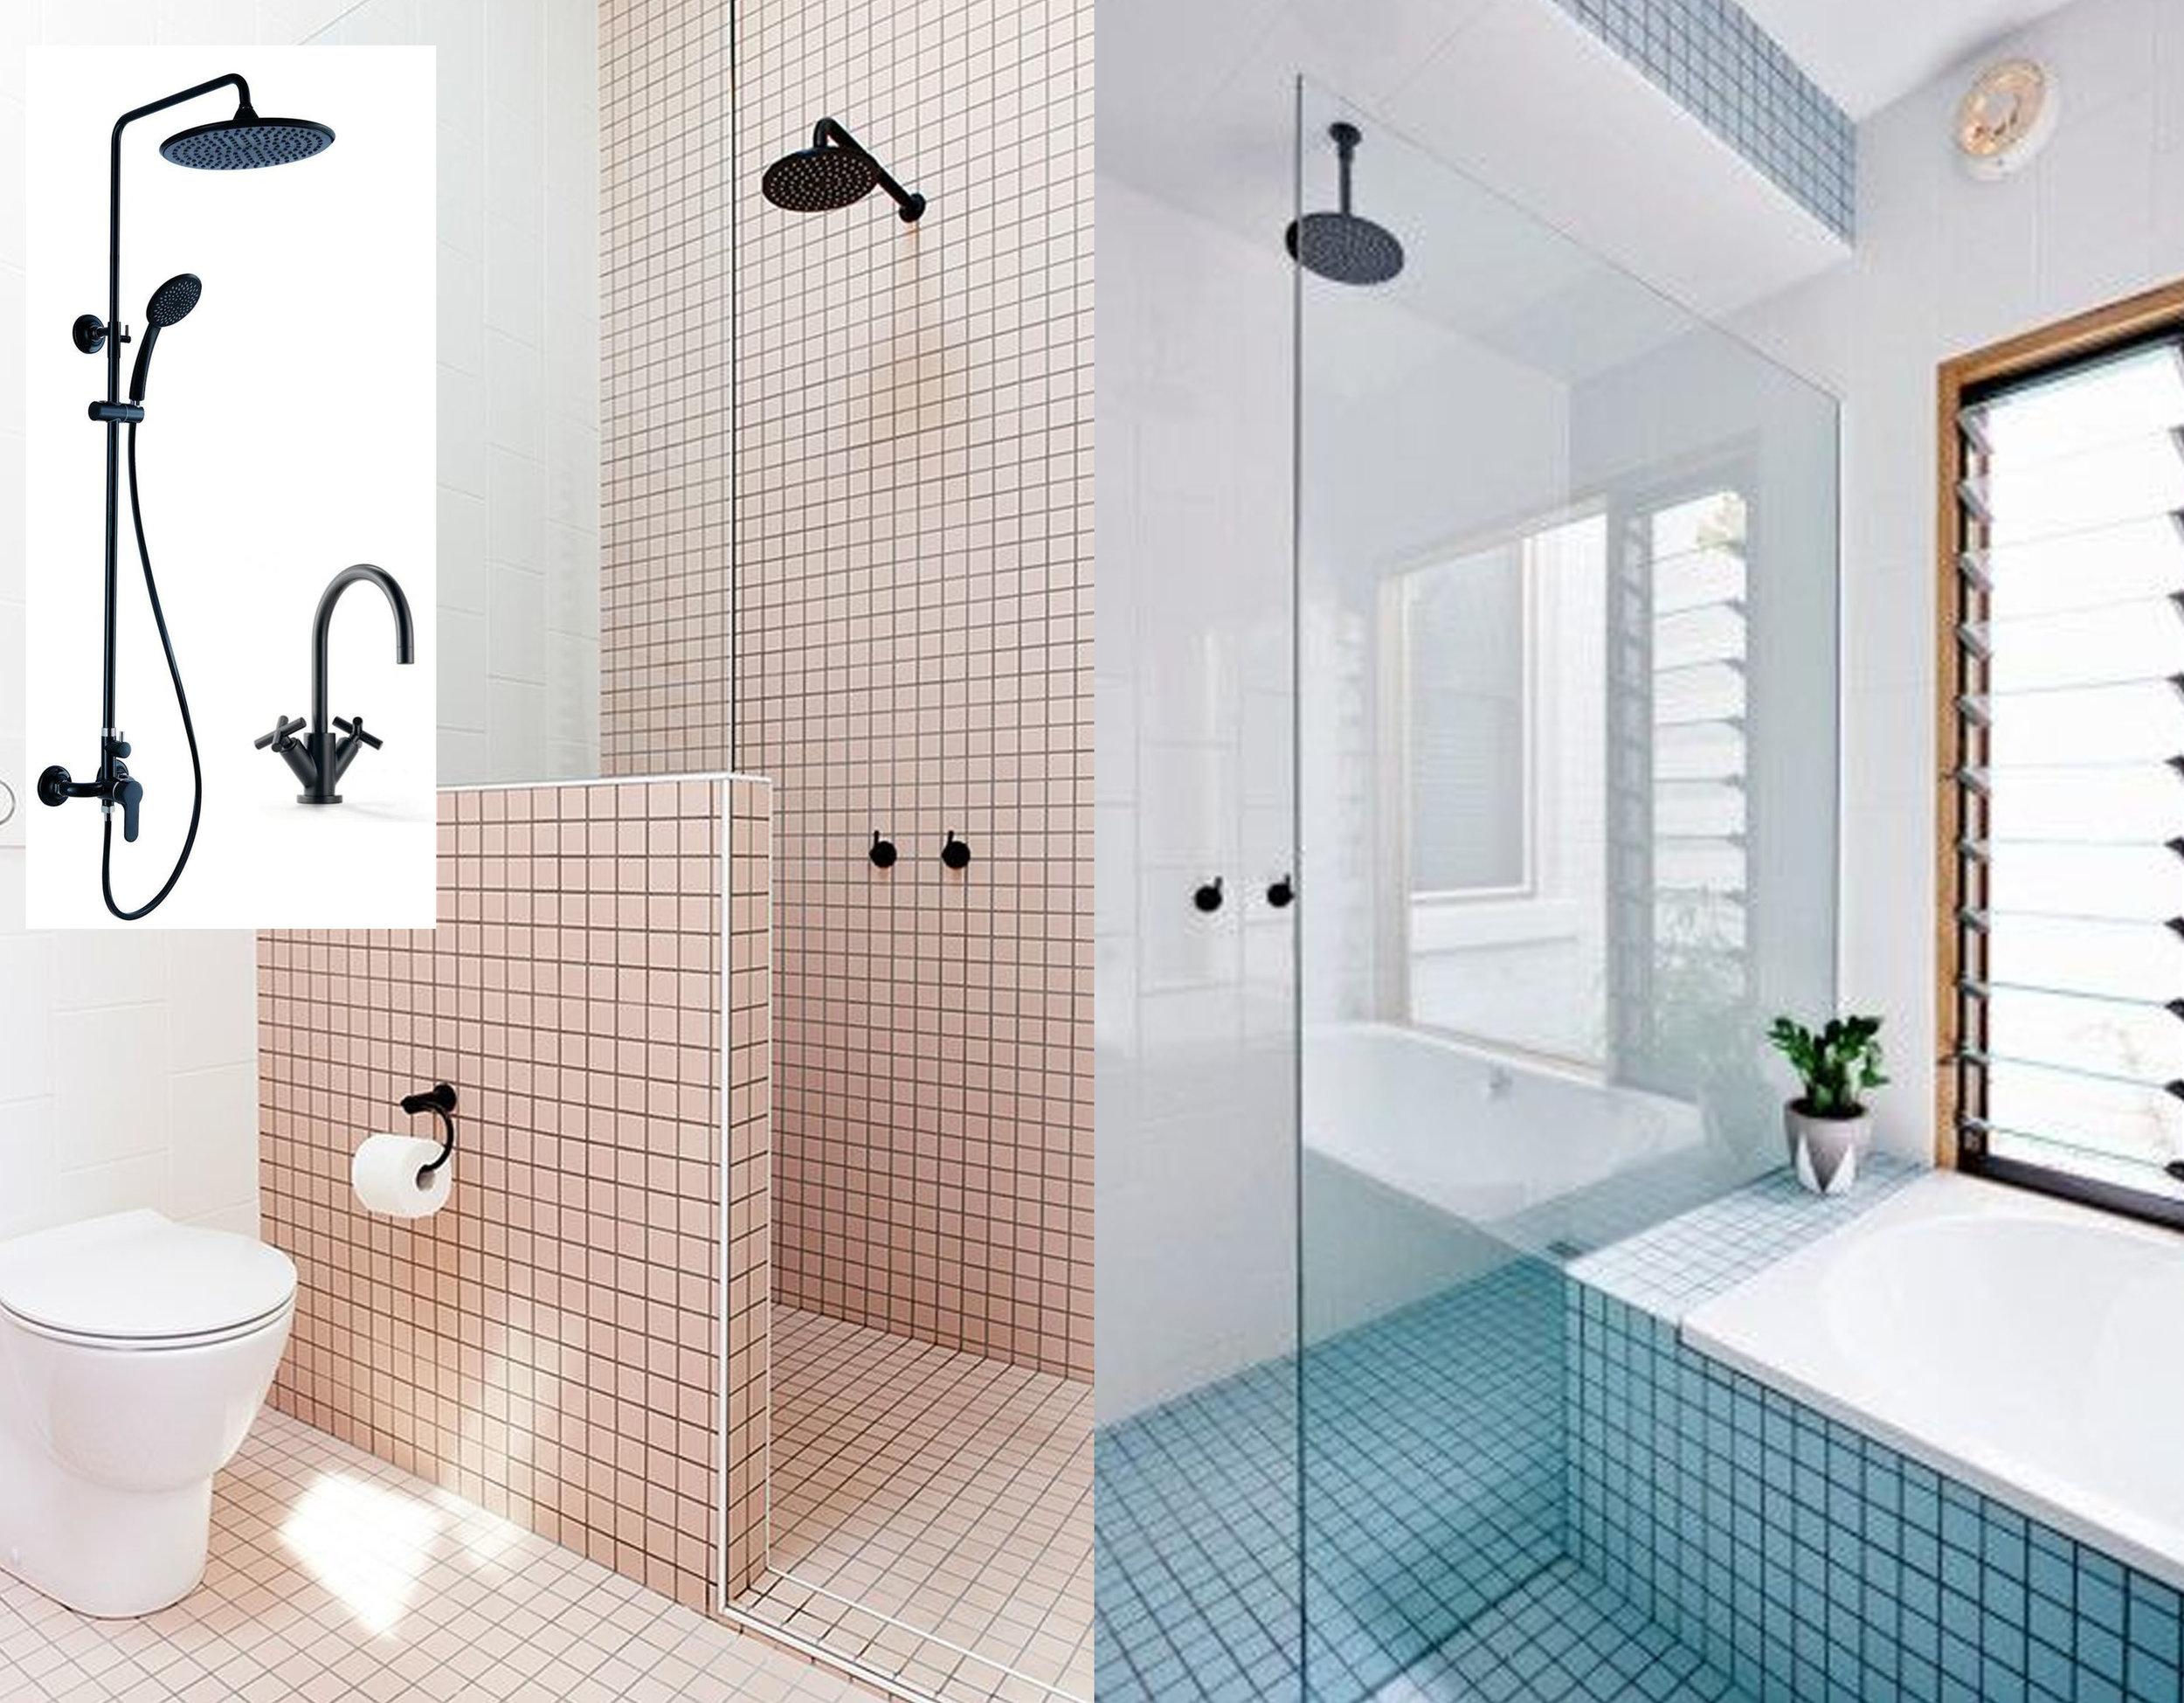 pink bathroom via  Greedy Sunday  - light blue bathroom via  Roomed